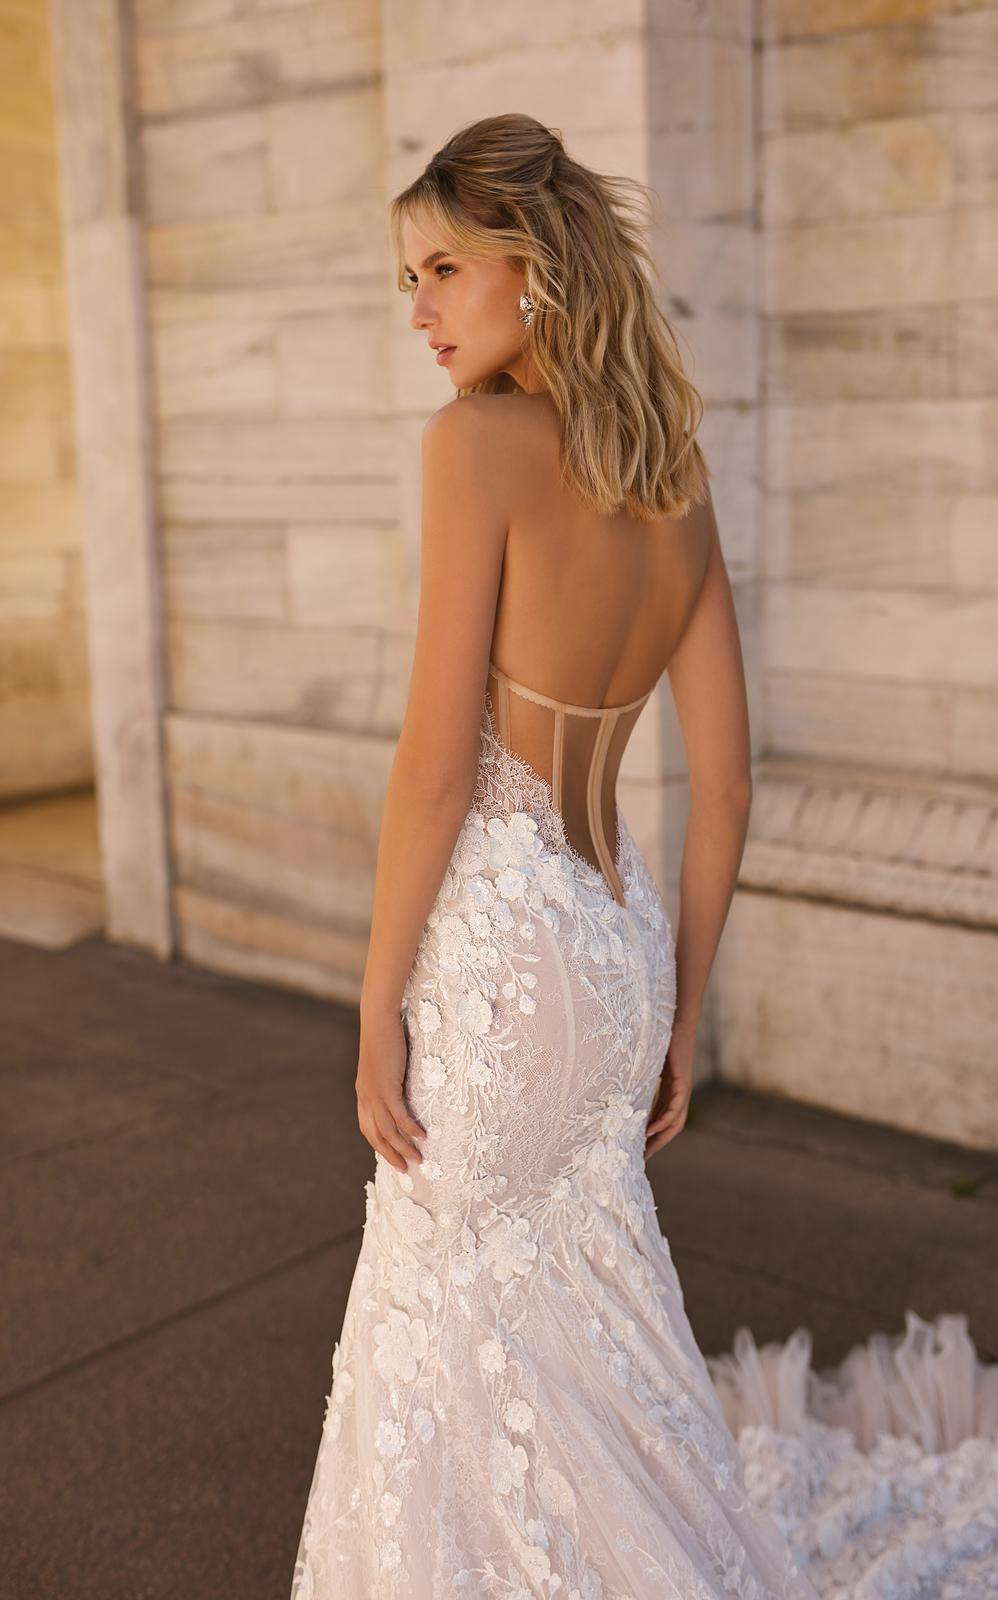 Svadobné šaty jar/leto 2020 BERTA Miláno - Obrázok č. 6